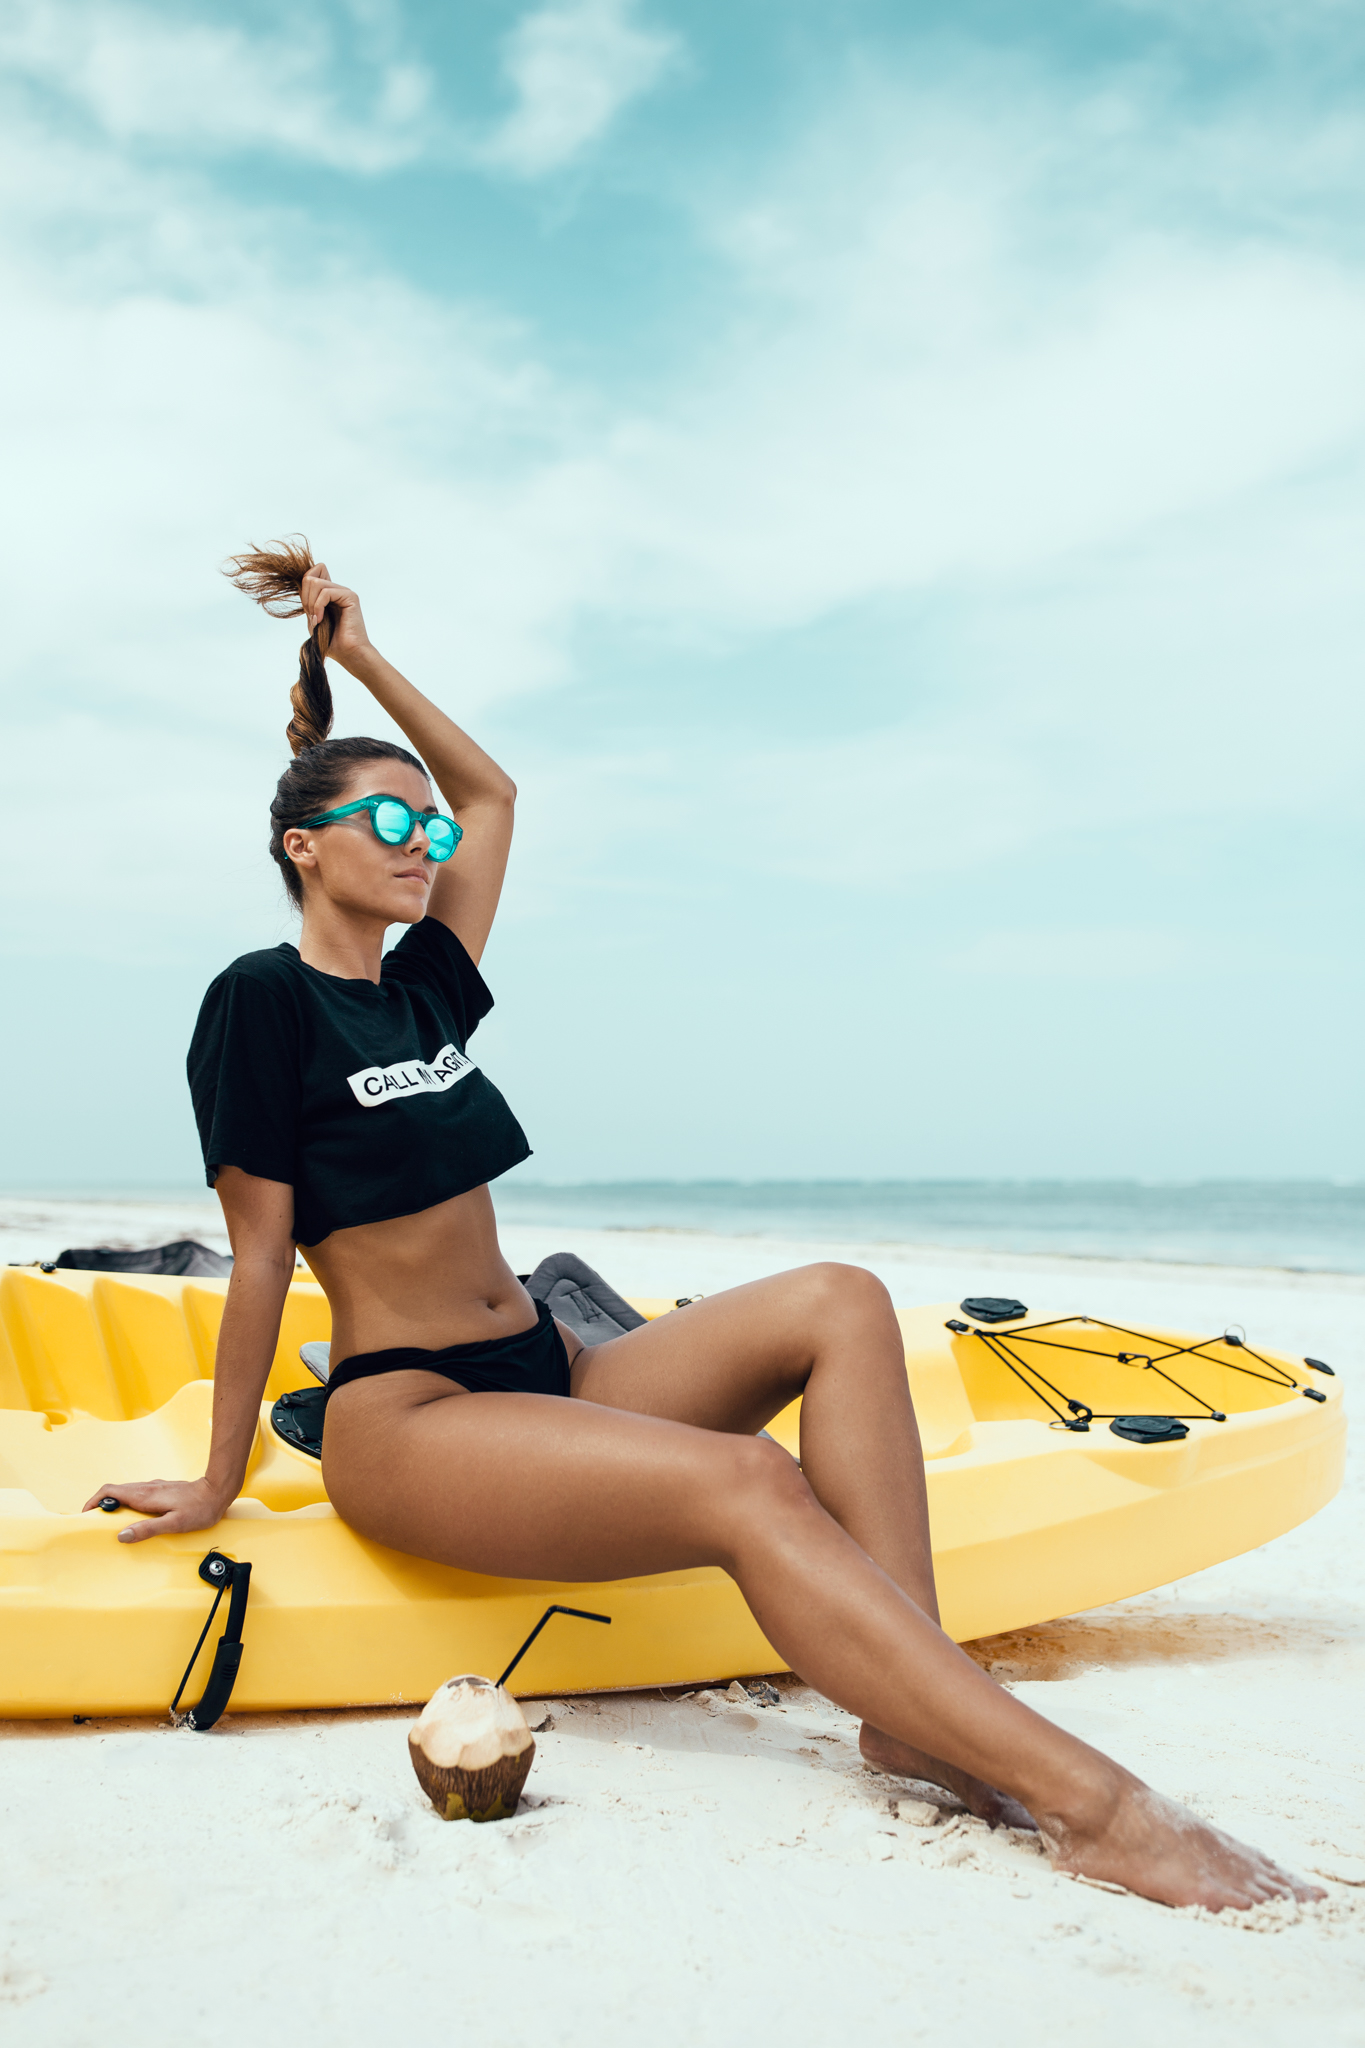 Chimi Eyewear x Bianca Ingrosso by Fabian Wester 14